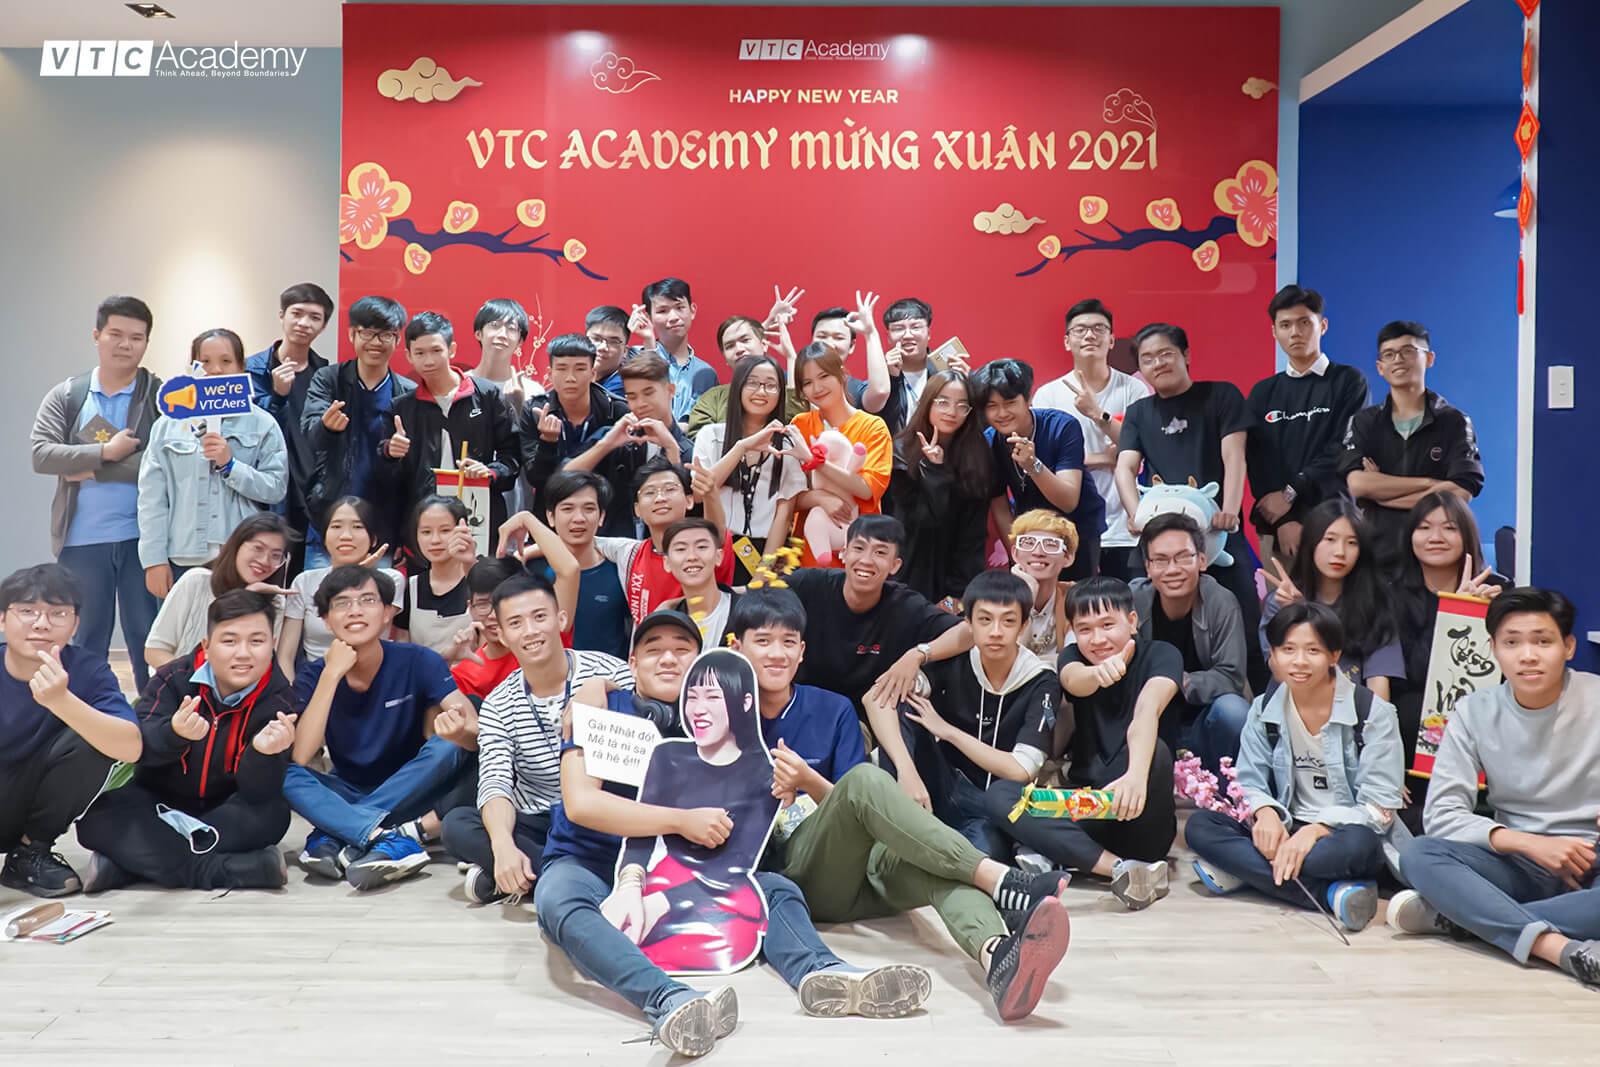 Học viên VTC Academy cả nước tổ chức nhiều hoạt động sôi nổi đón Tết Tân Sửu 2021